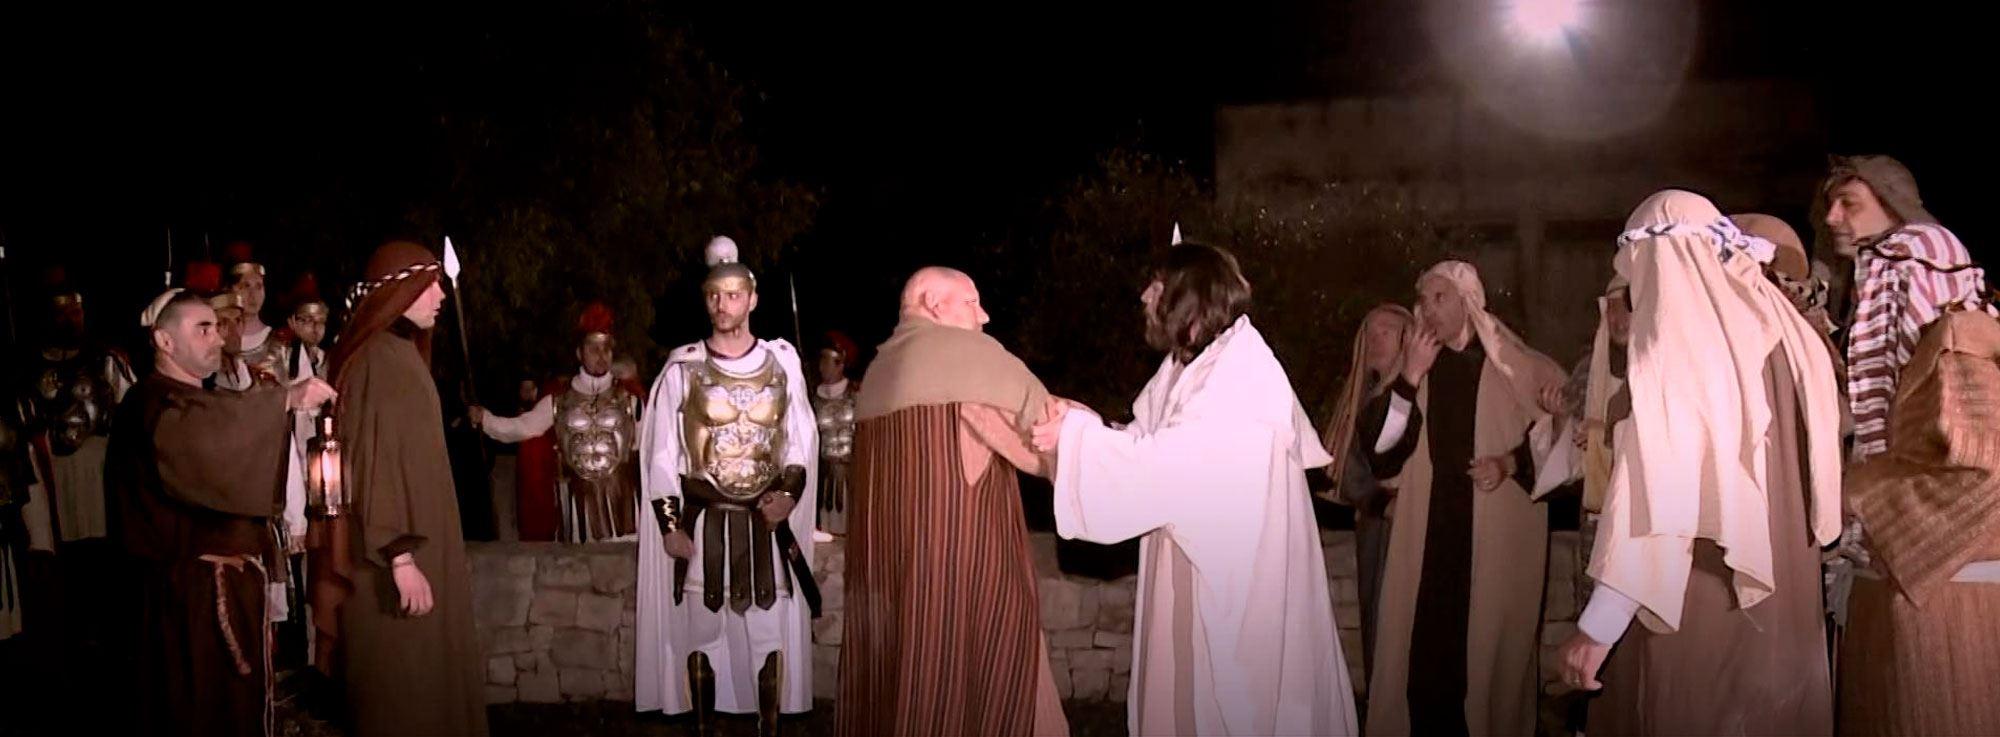 Salice Salentino: Christus - Passione di Cristo